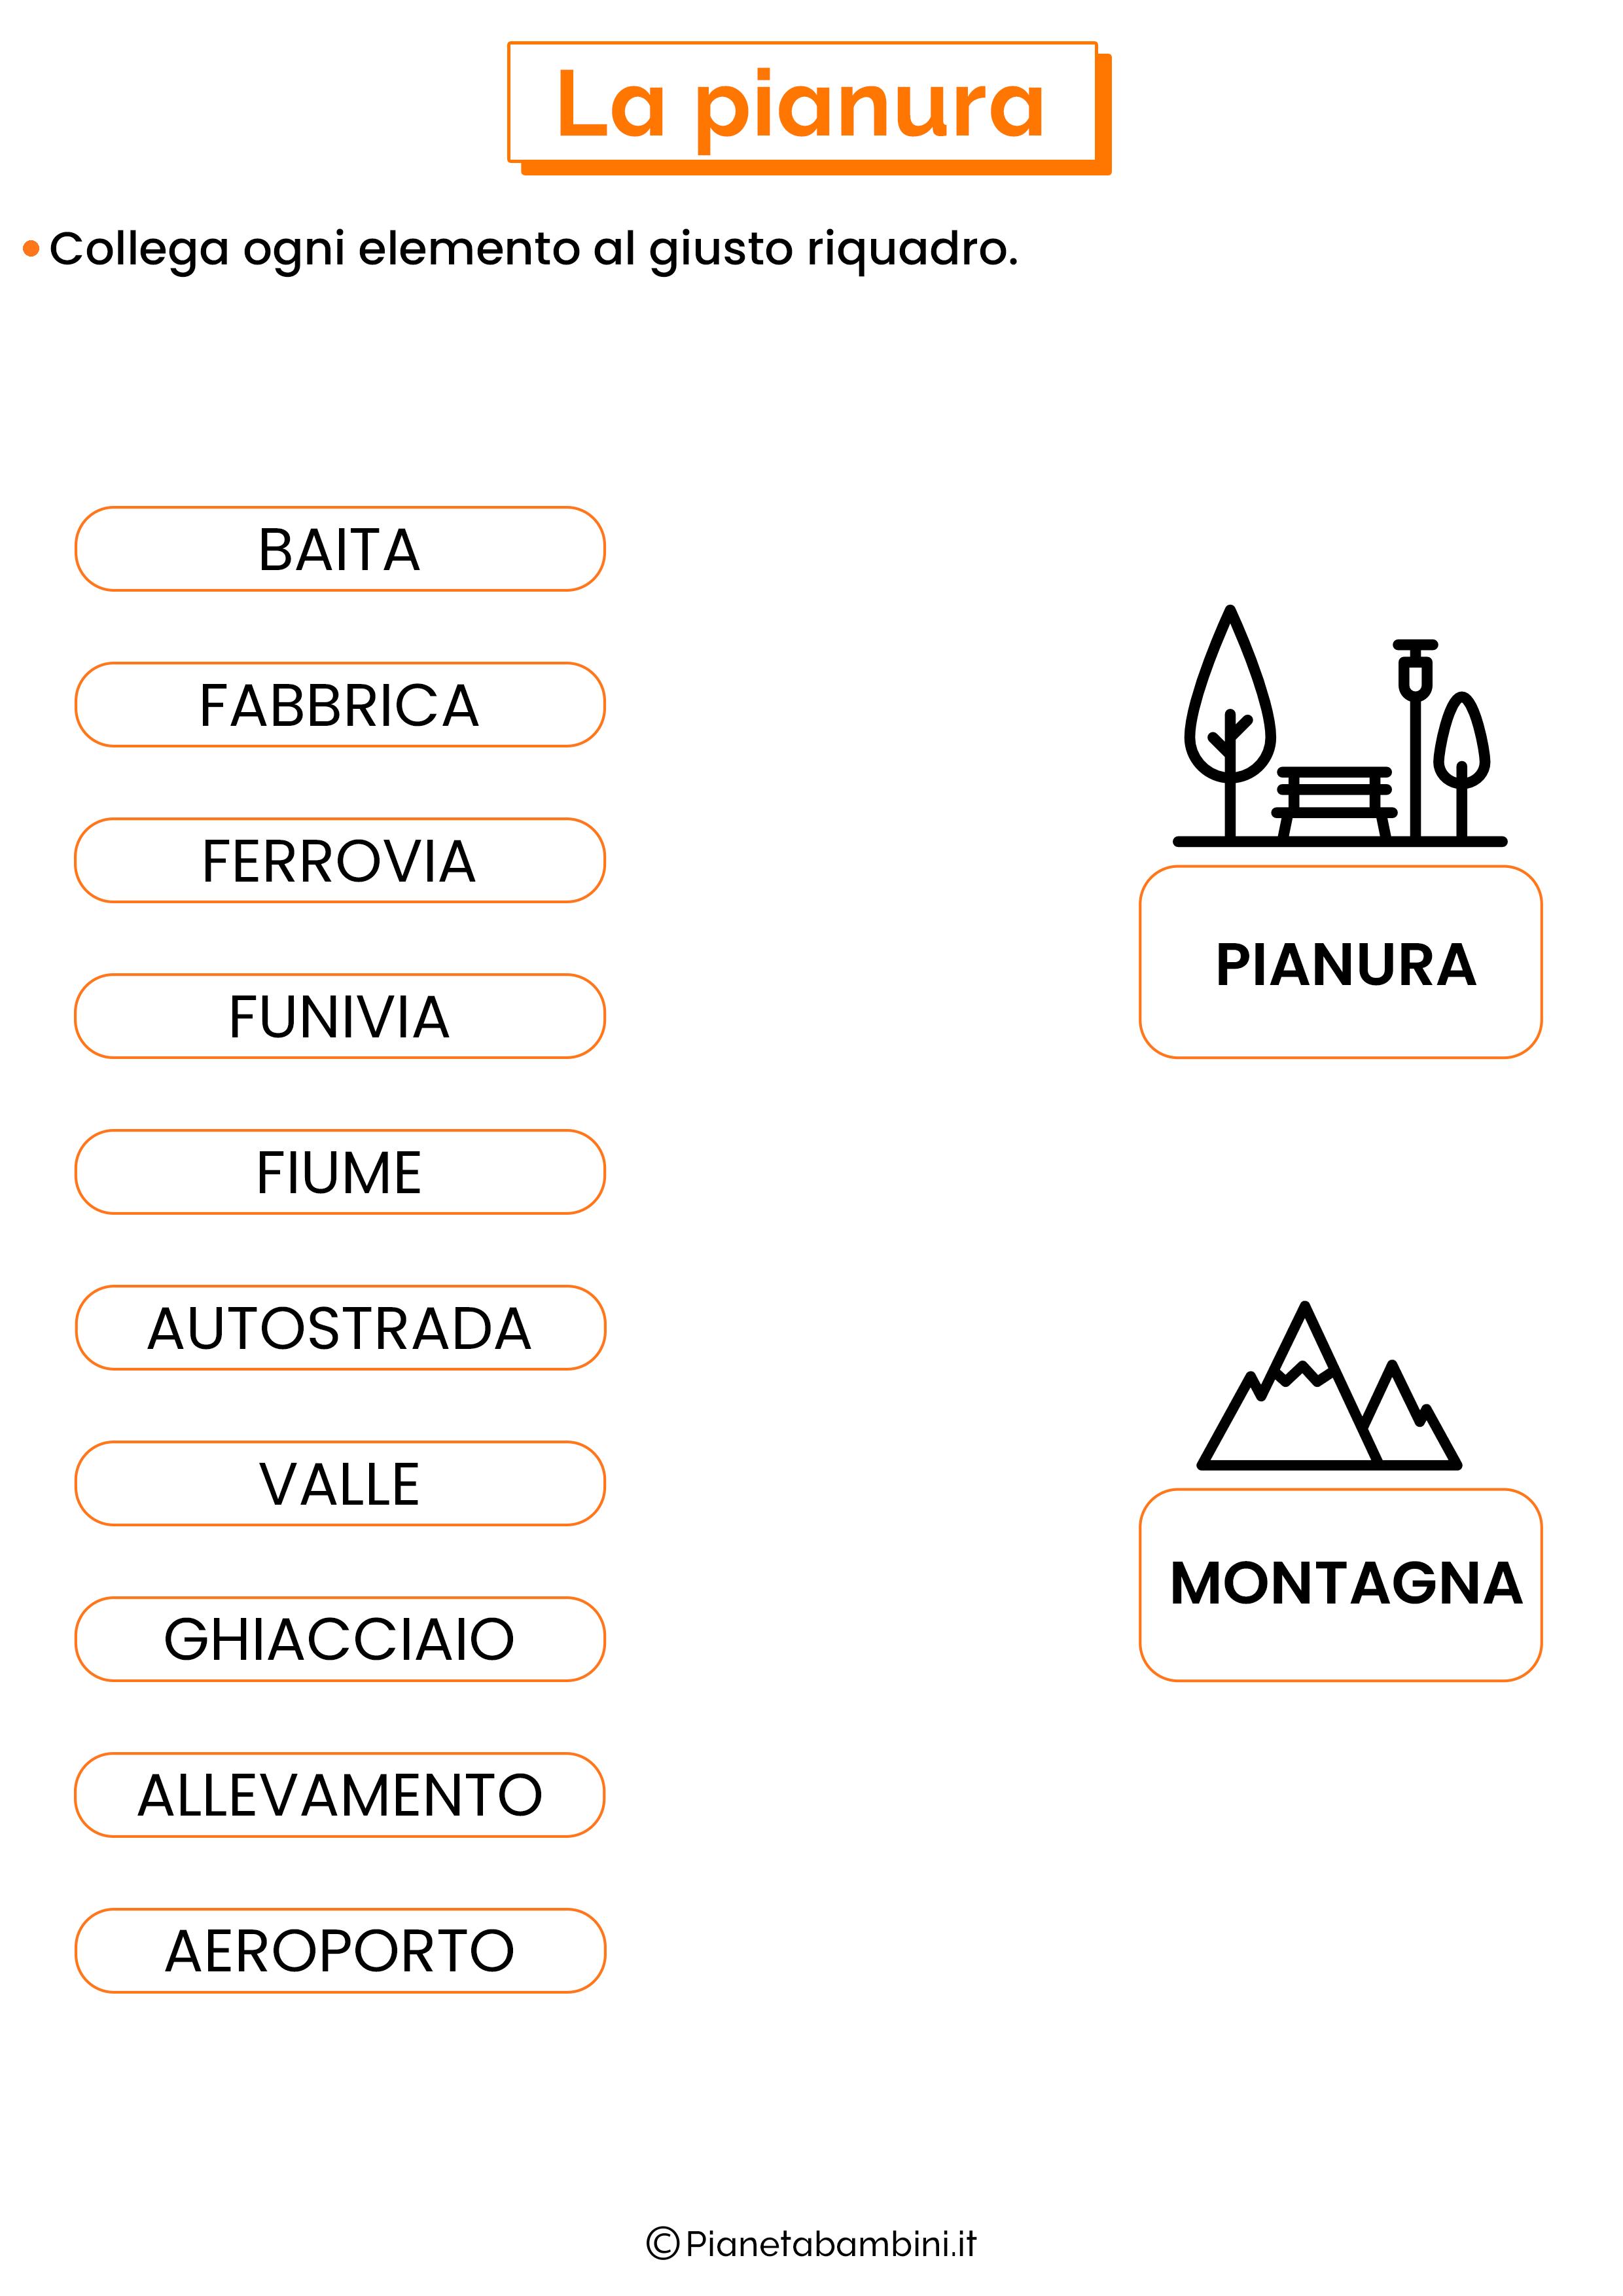 Esercizio sugli elementi della pianura